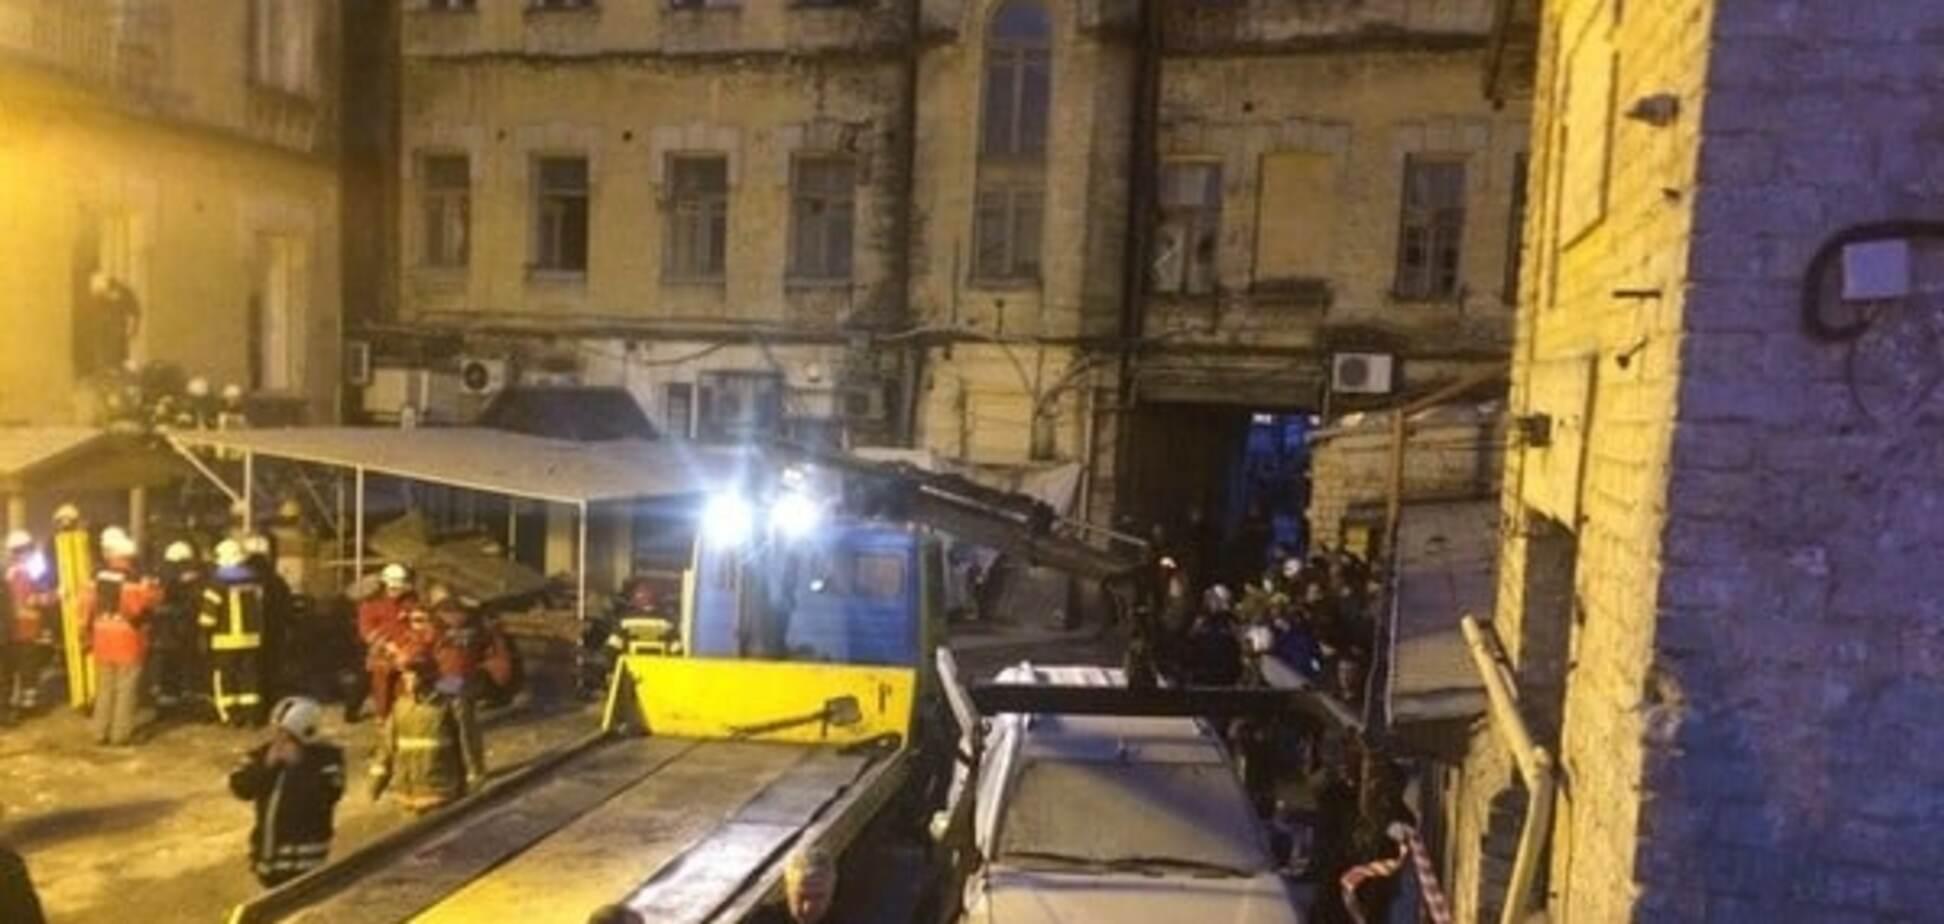 Під завалами будинка, що обвалився у Києві, можуть залишатися люди